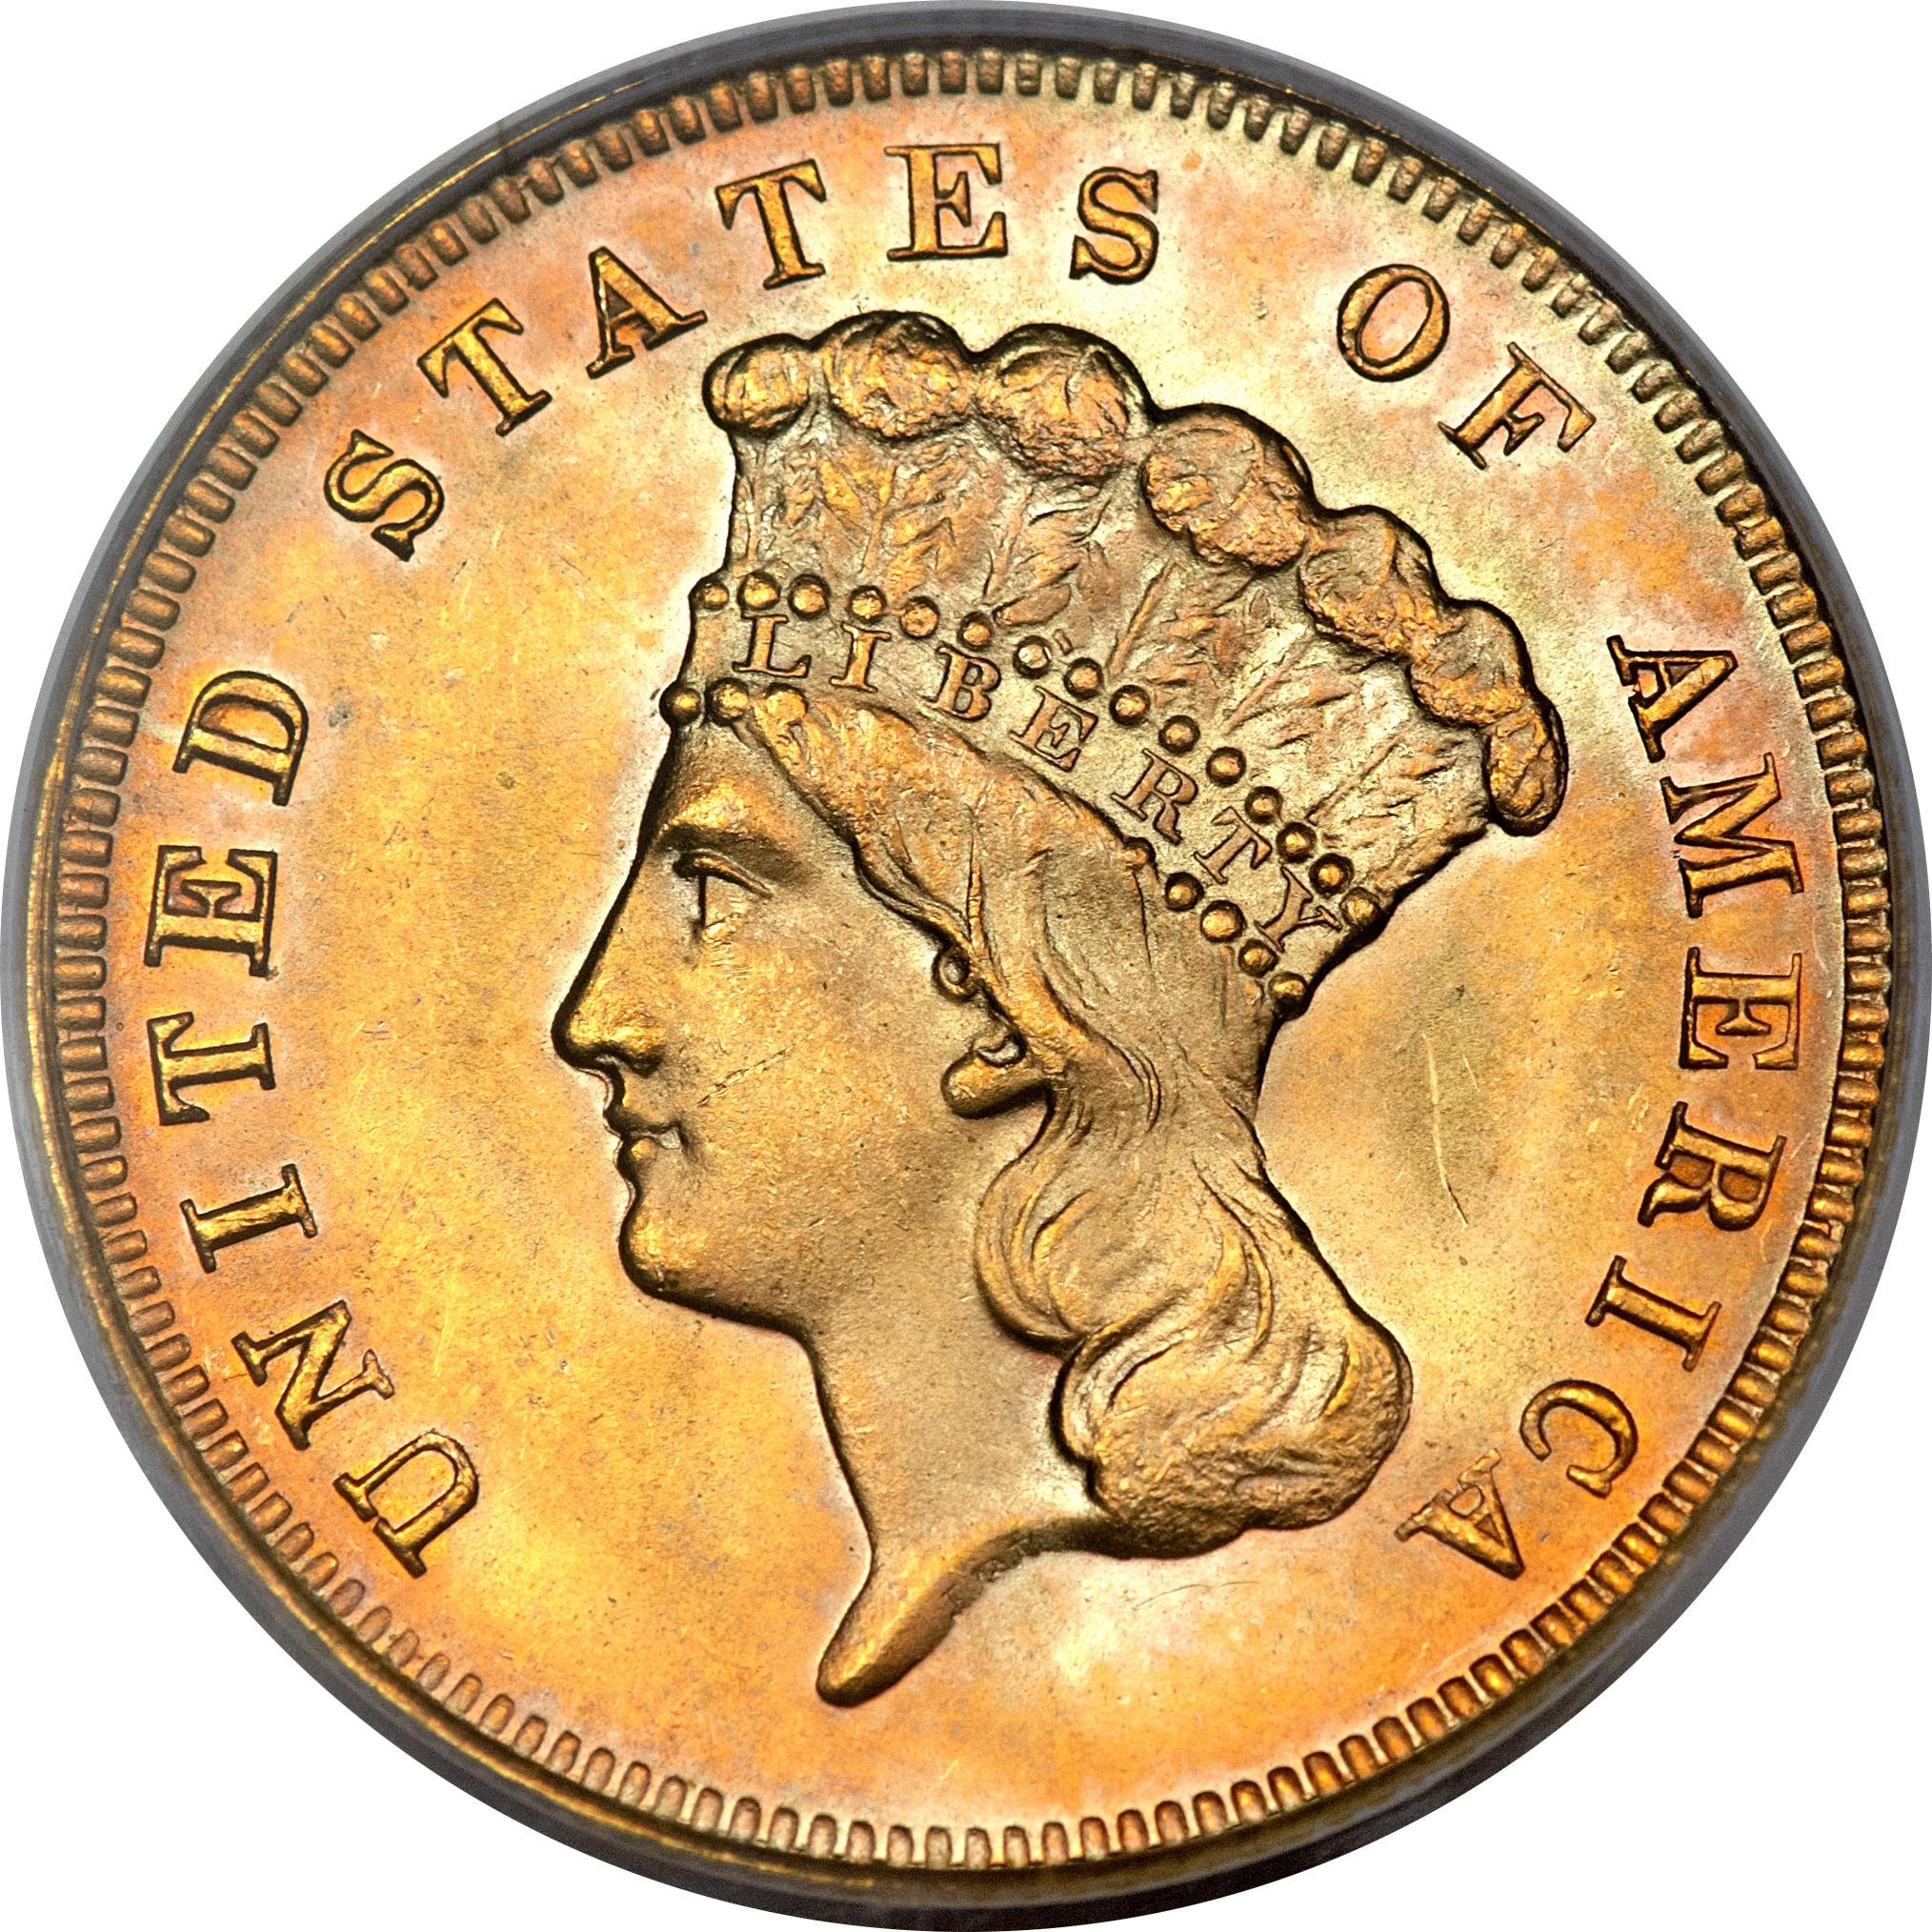 3 Dollars Indian Head United States Numista